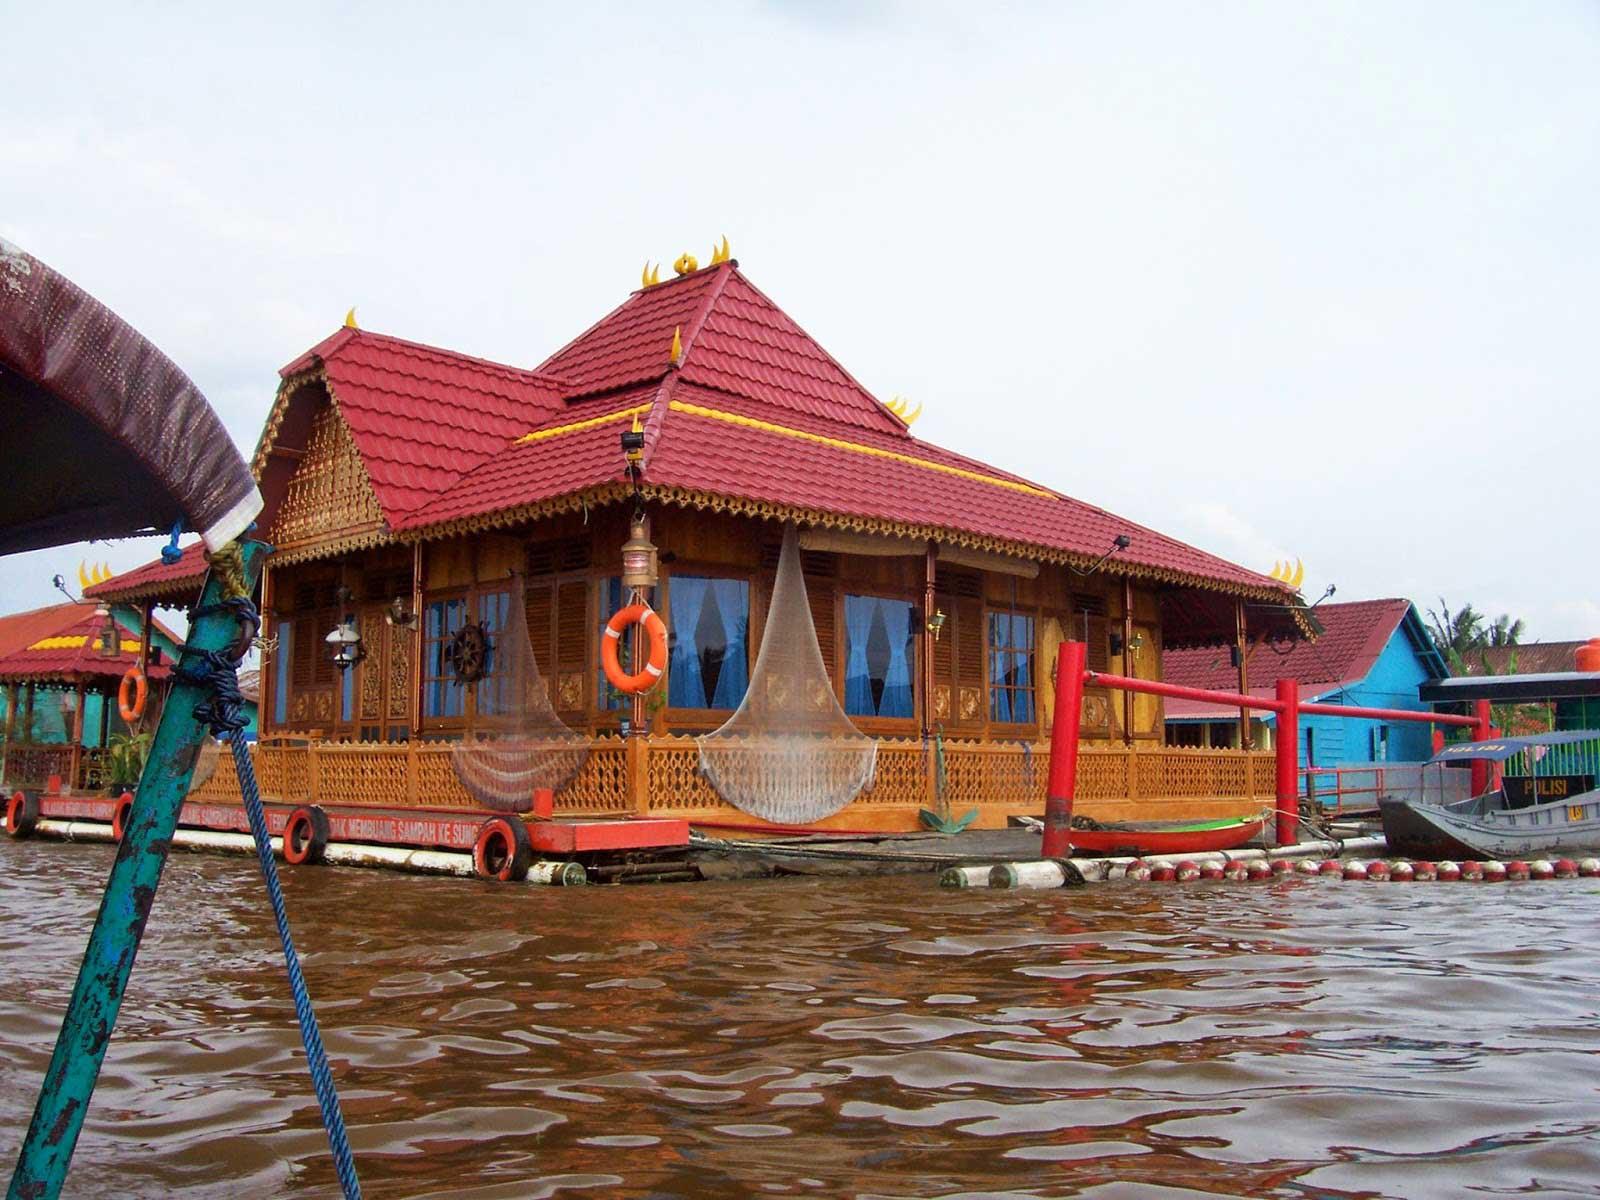 Rumah adat rakit limas - Ragam Rumah Adat Tradisional Indonesia Bukti Keragaman Budaya